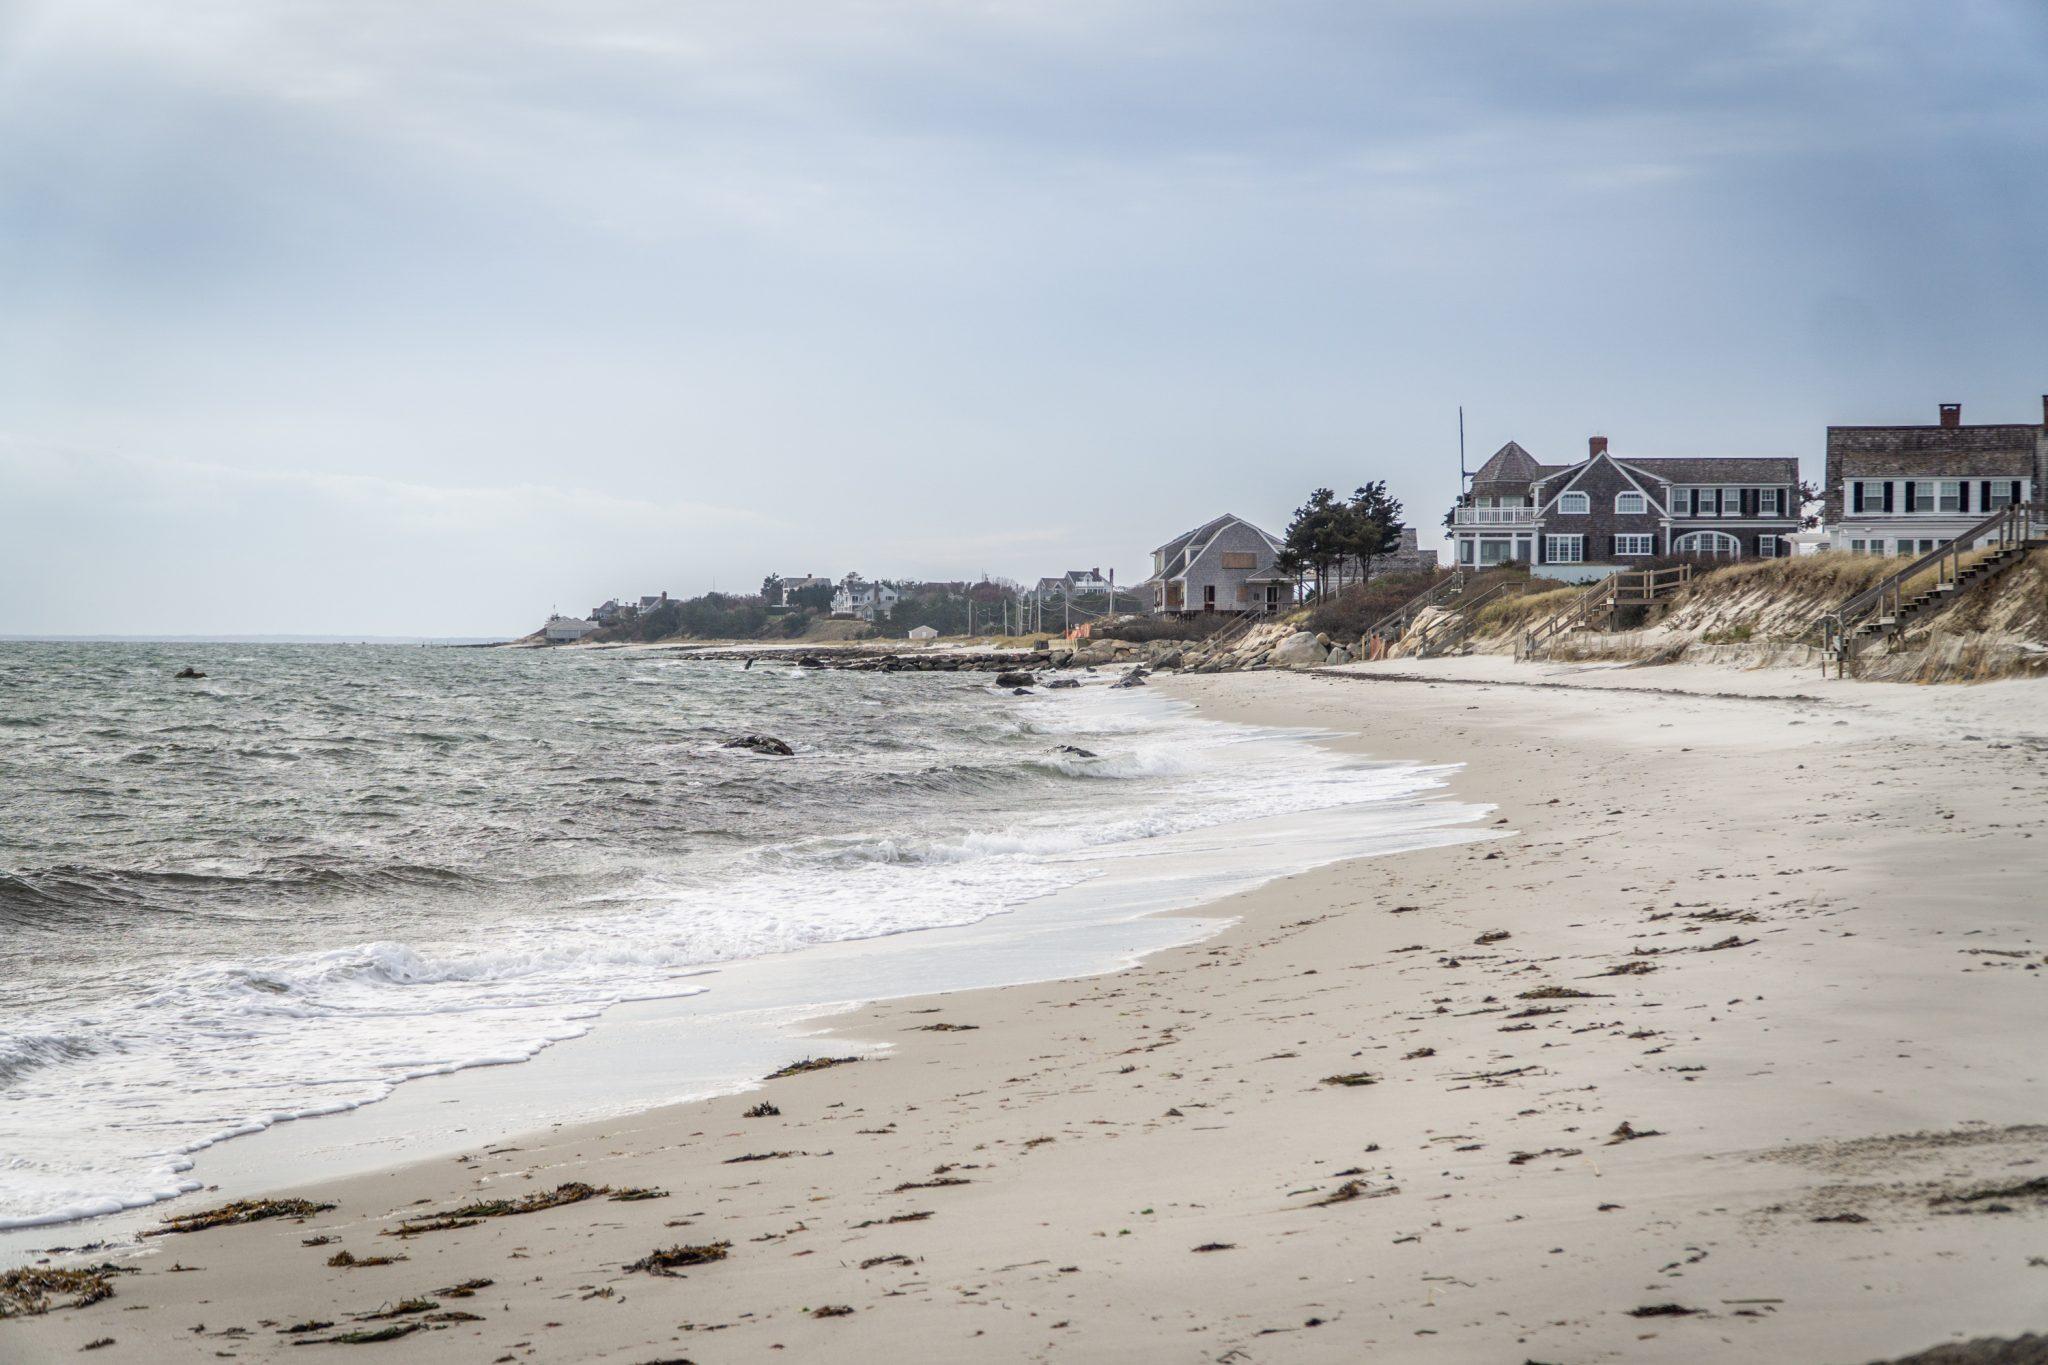 Des maisons sur la plage à Cape Cod